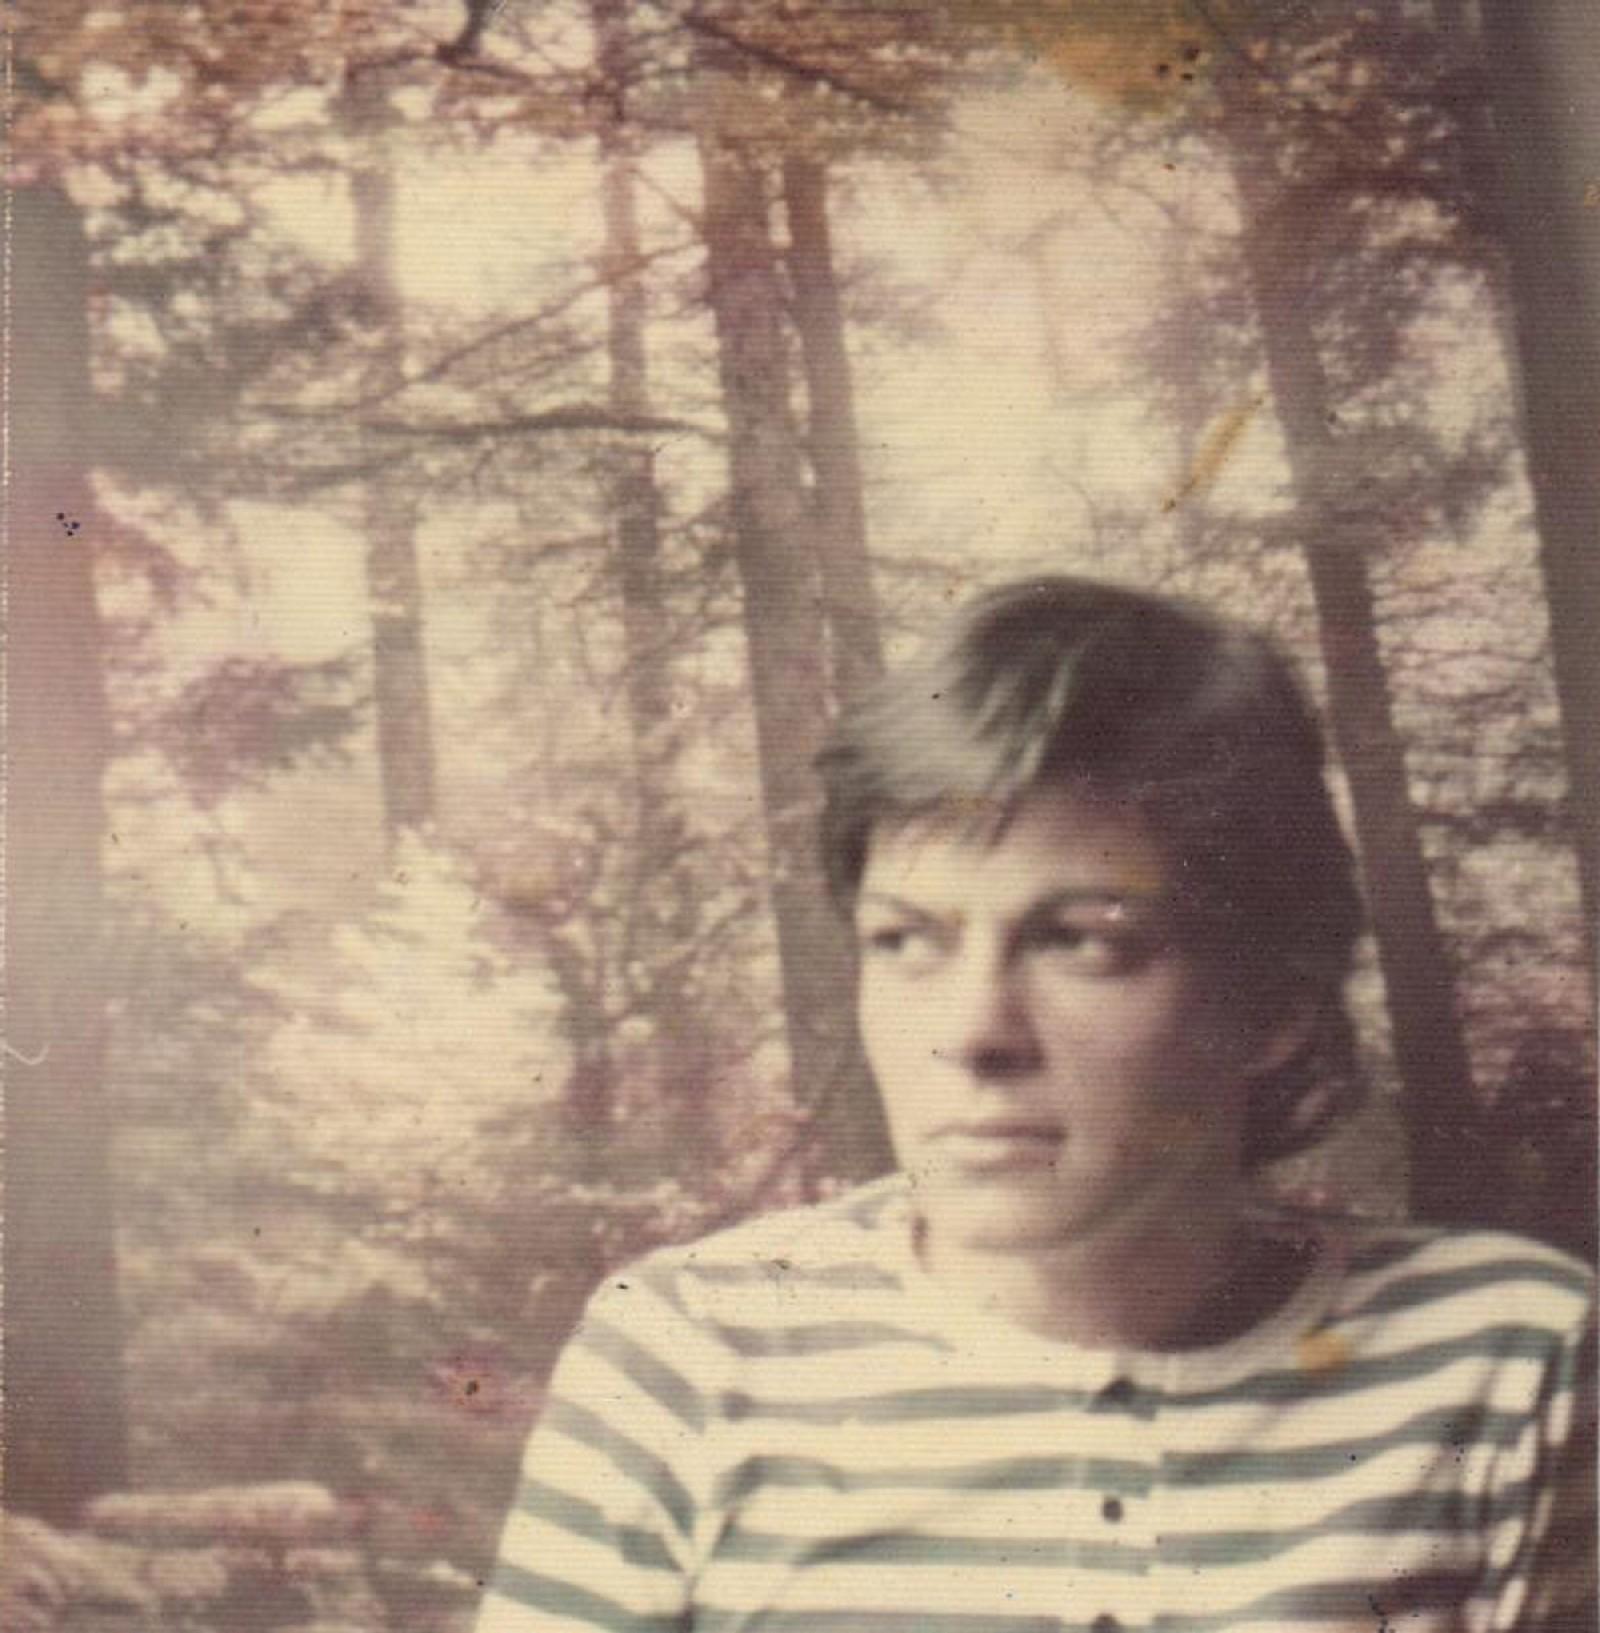 Joana em 1968, com 18 anos